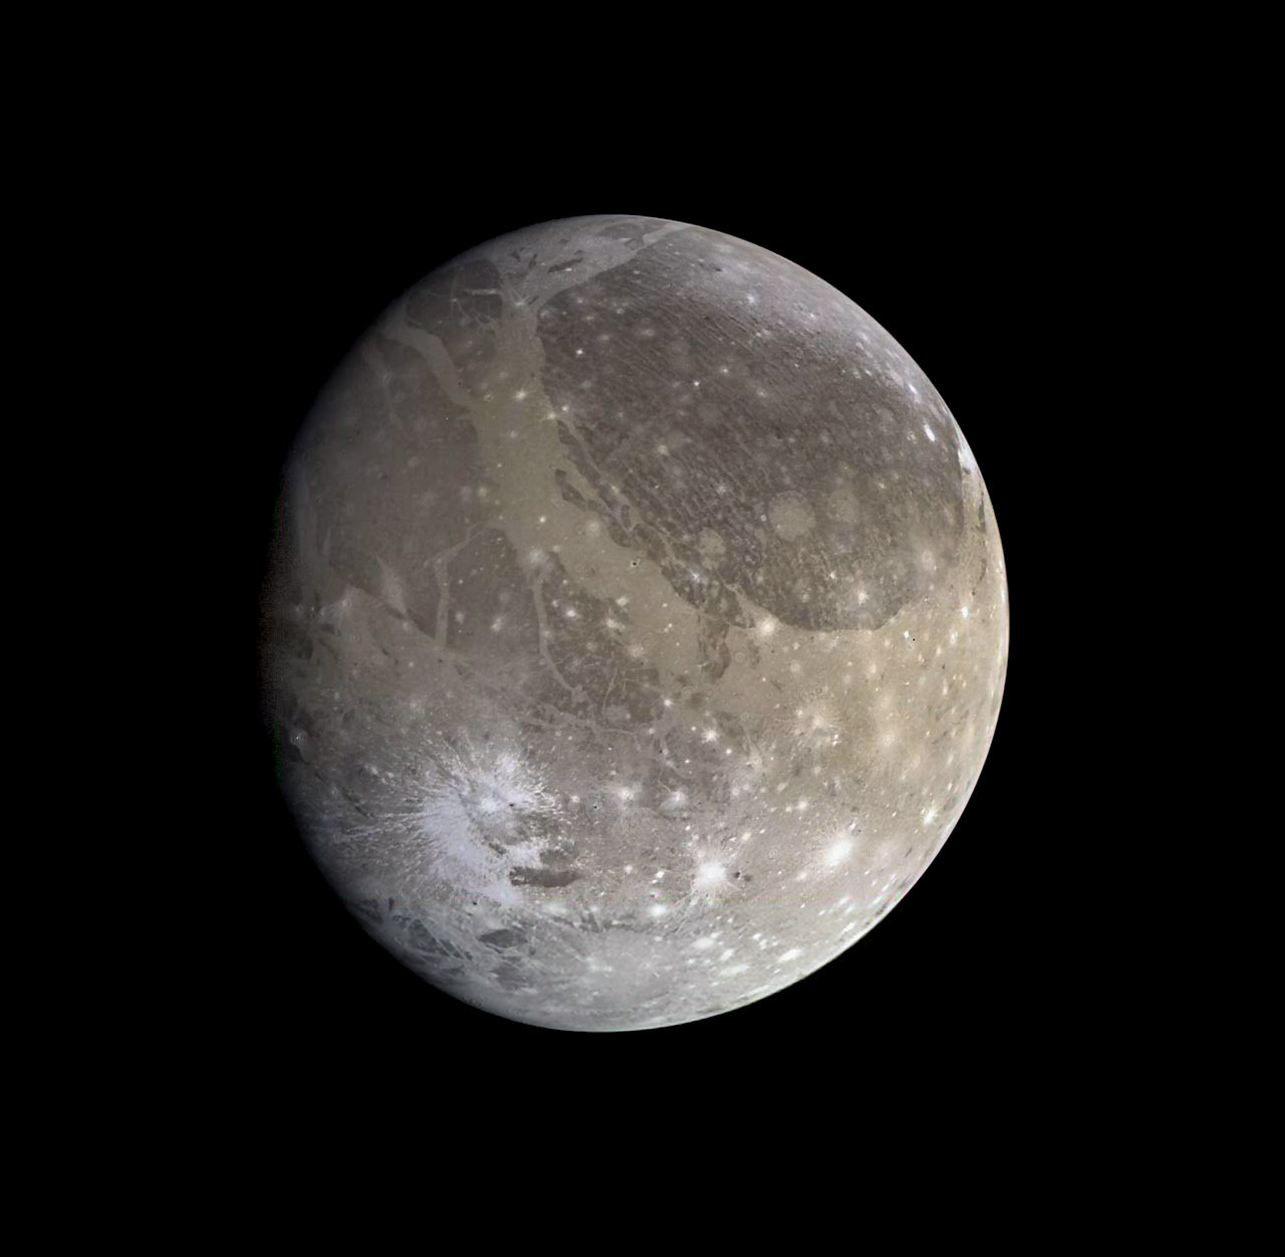 en49-moons-of-jupiter_12